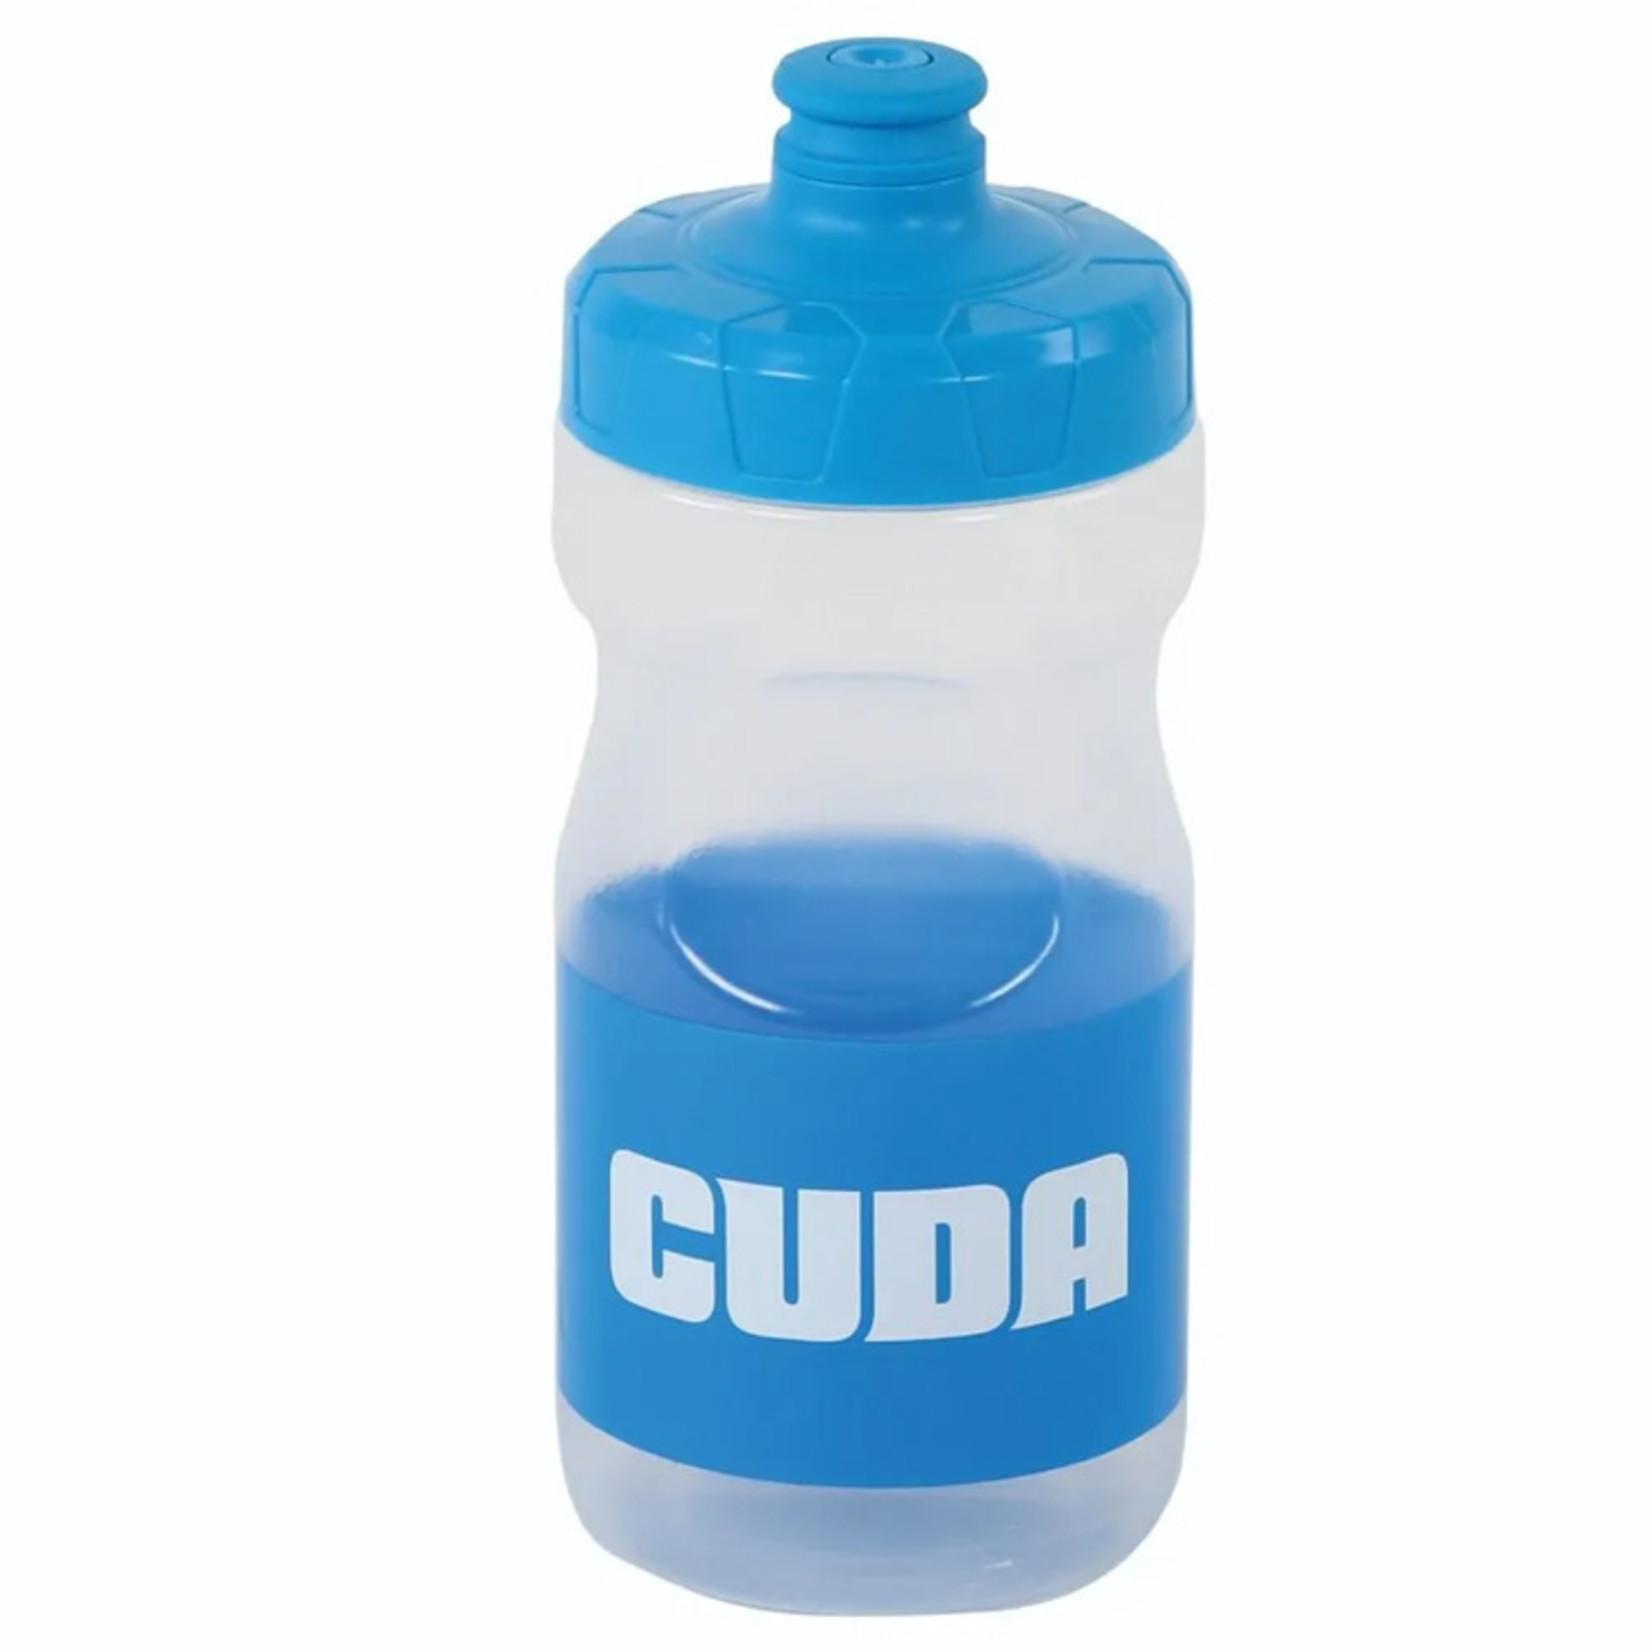 CUDA WATER BOTTLE